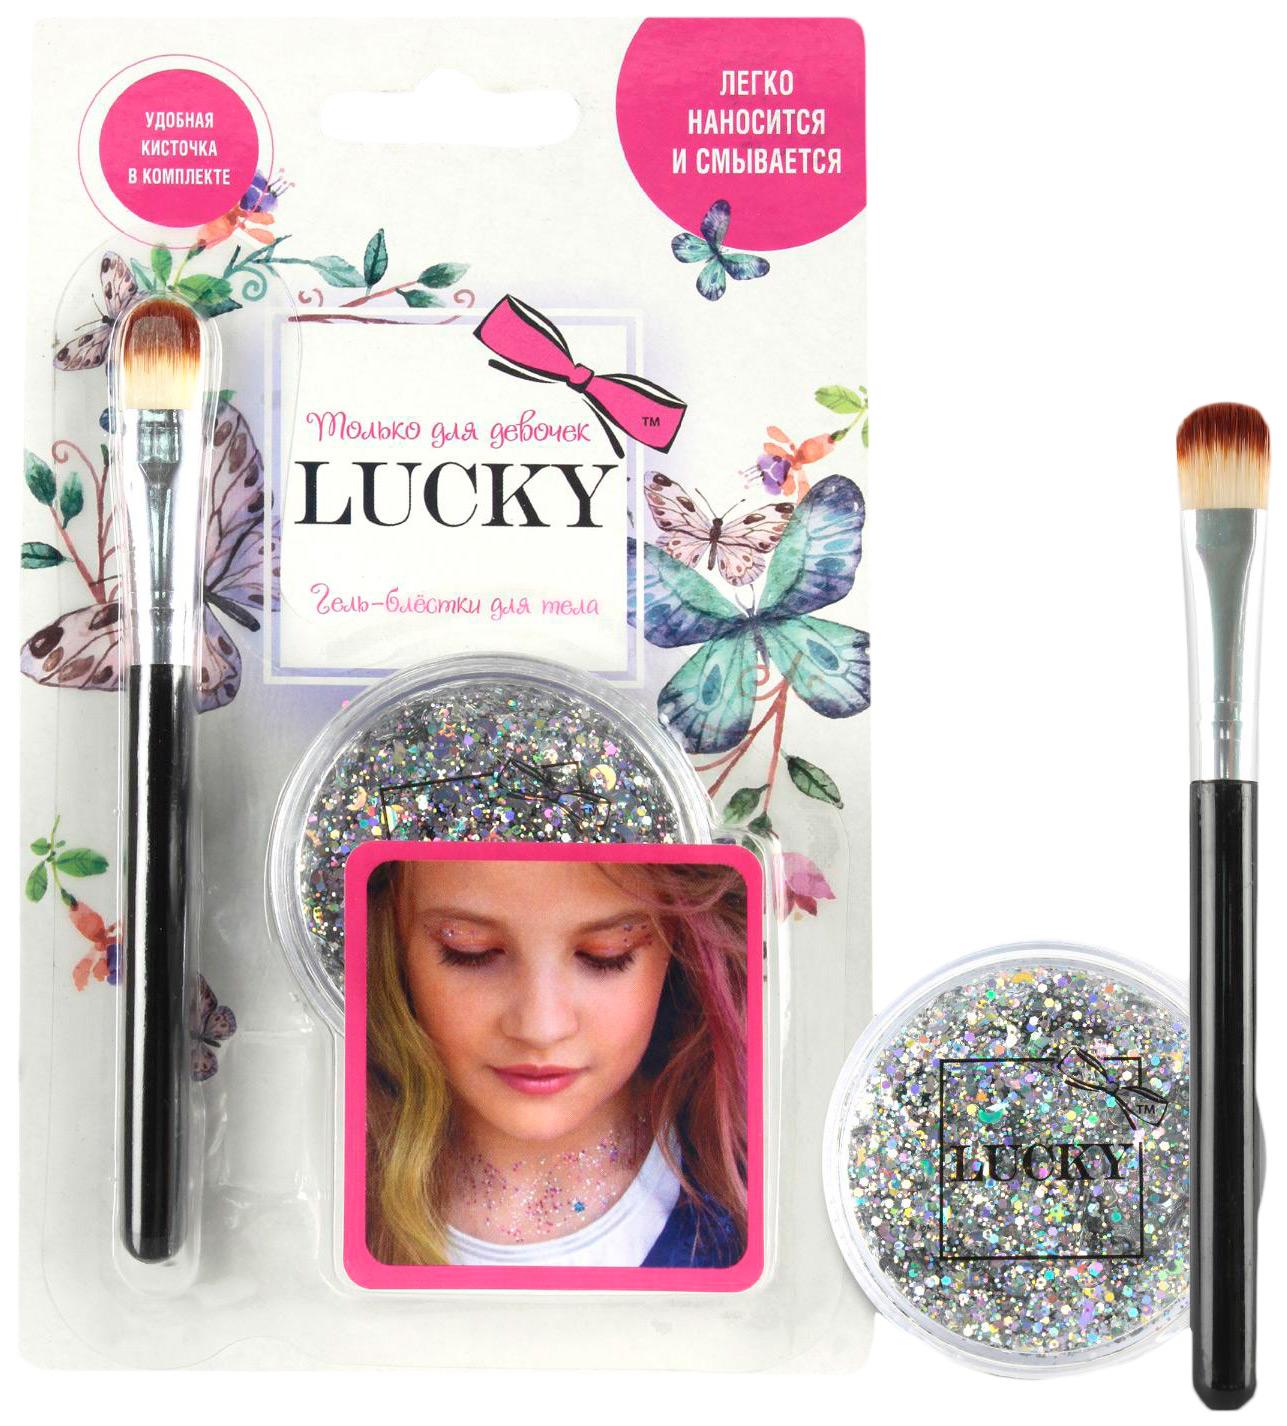 Купить Гель-блестки для тела и лица Lucky Только для девочек, цвет серебряный, Наборы детской косметики